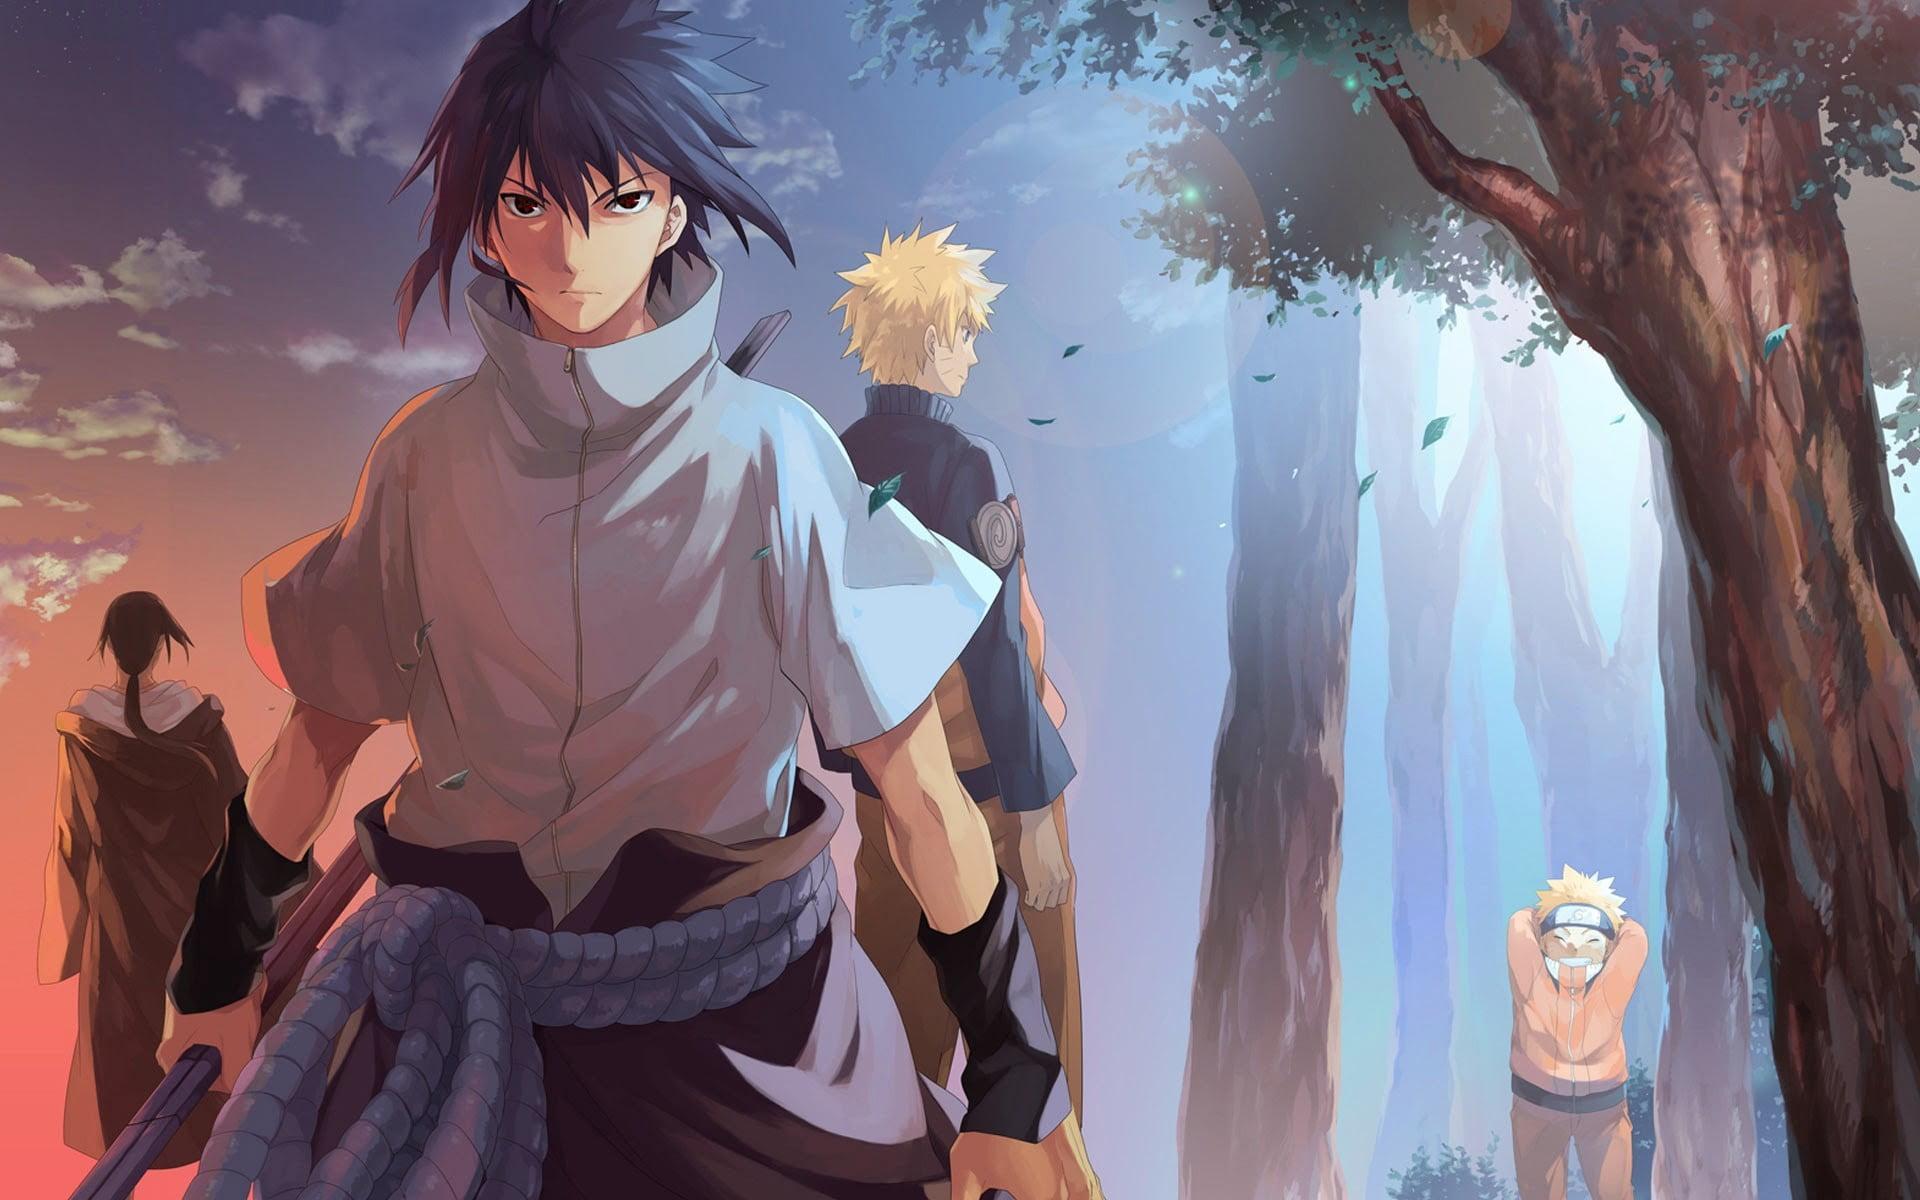 Itachi Uchiha, Anime, Naruto Uzumaki, Naruto, Art, - Itachi And Sasuke Wallpaper 4k - HD Wallpaper